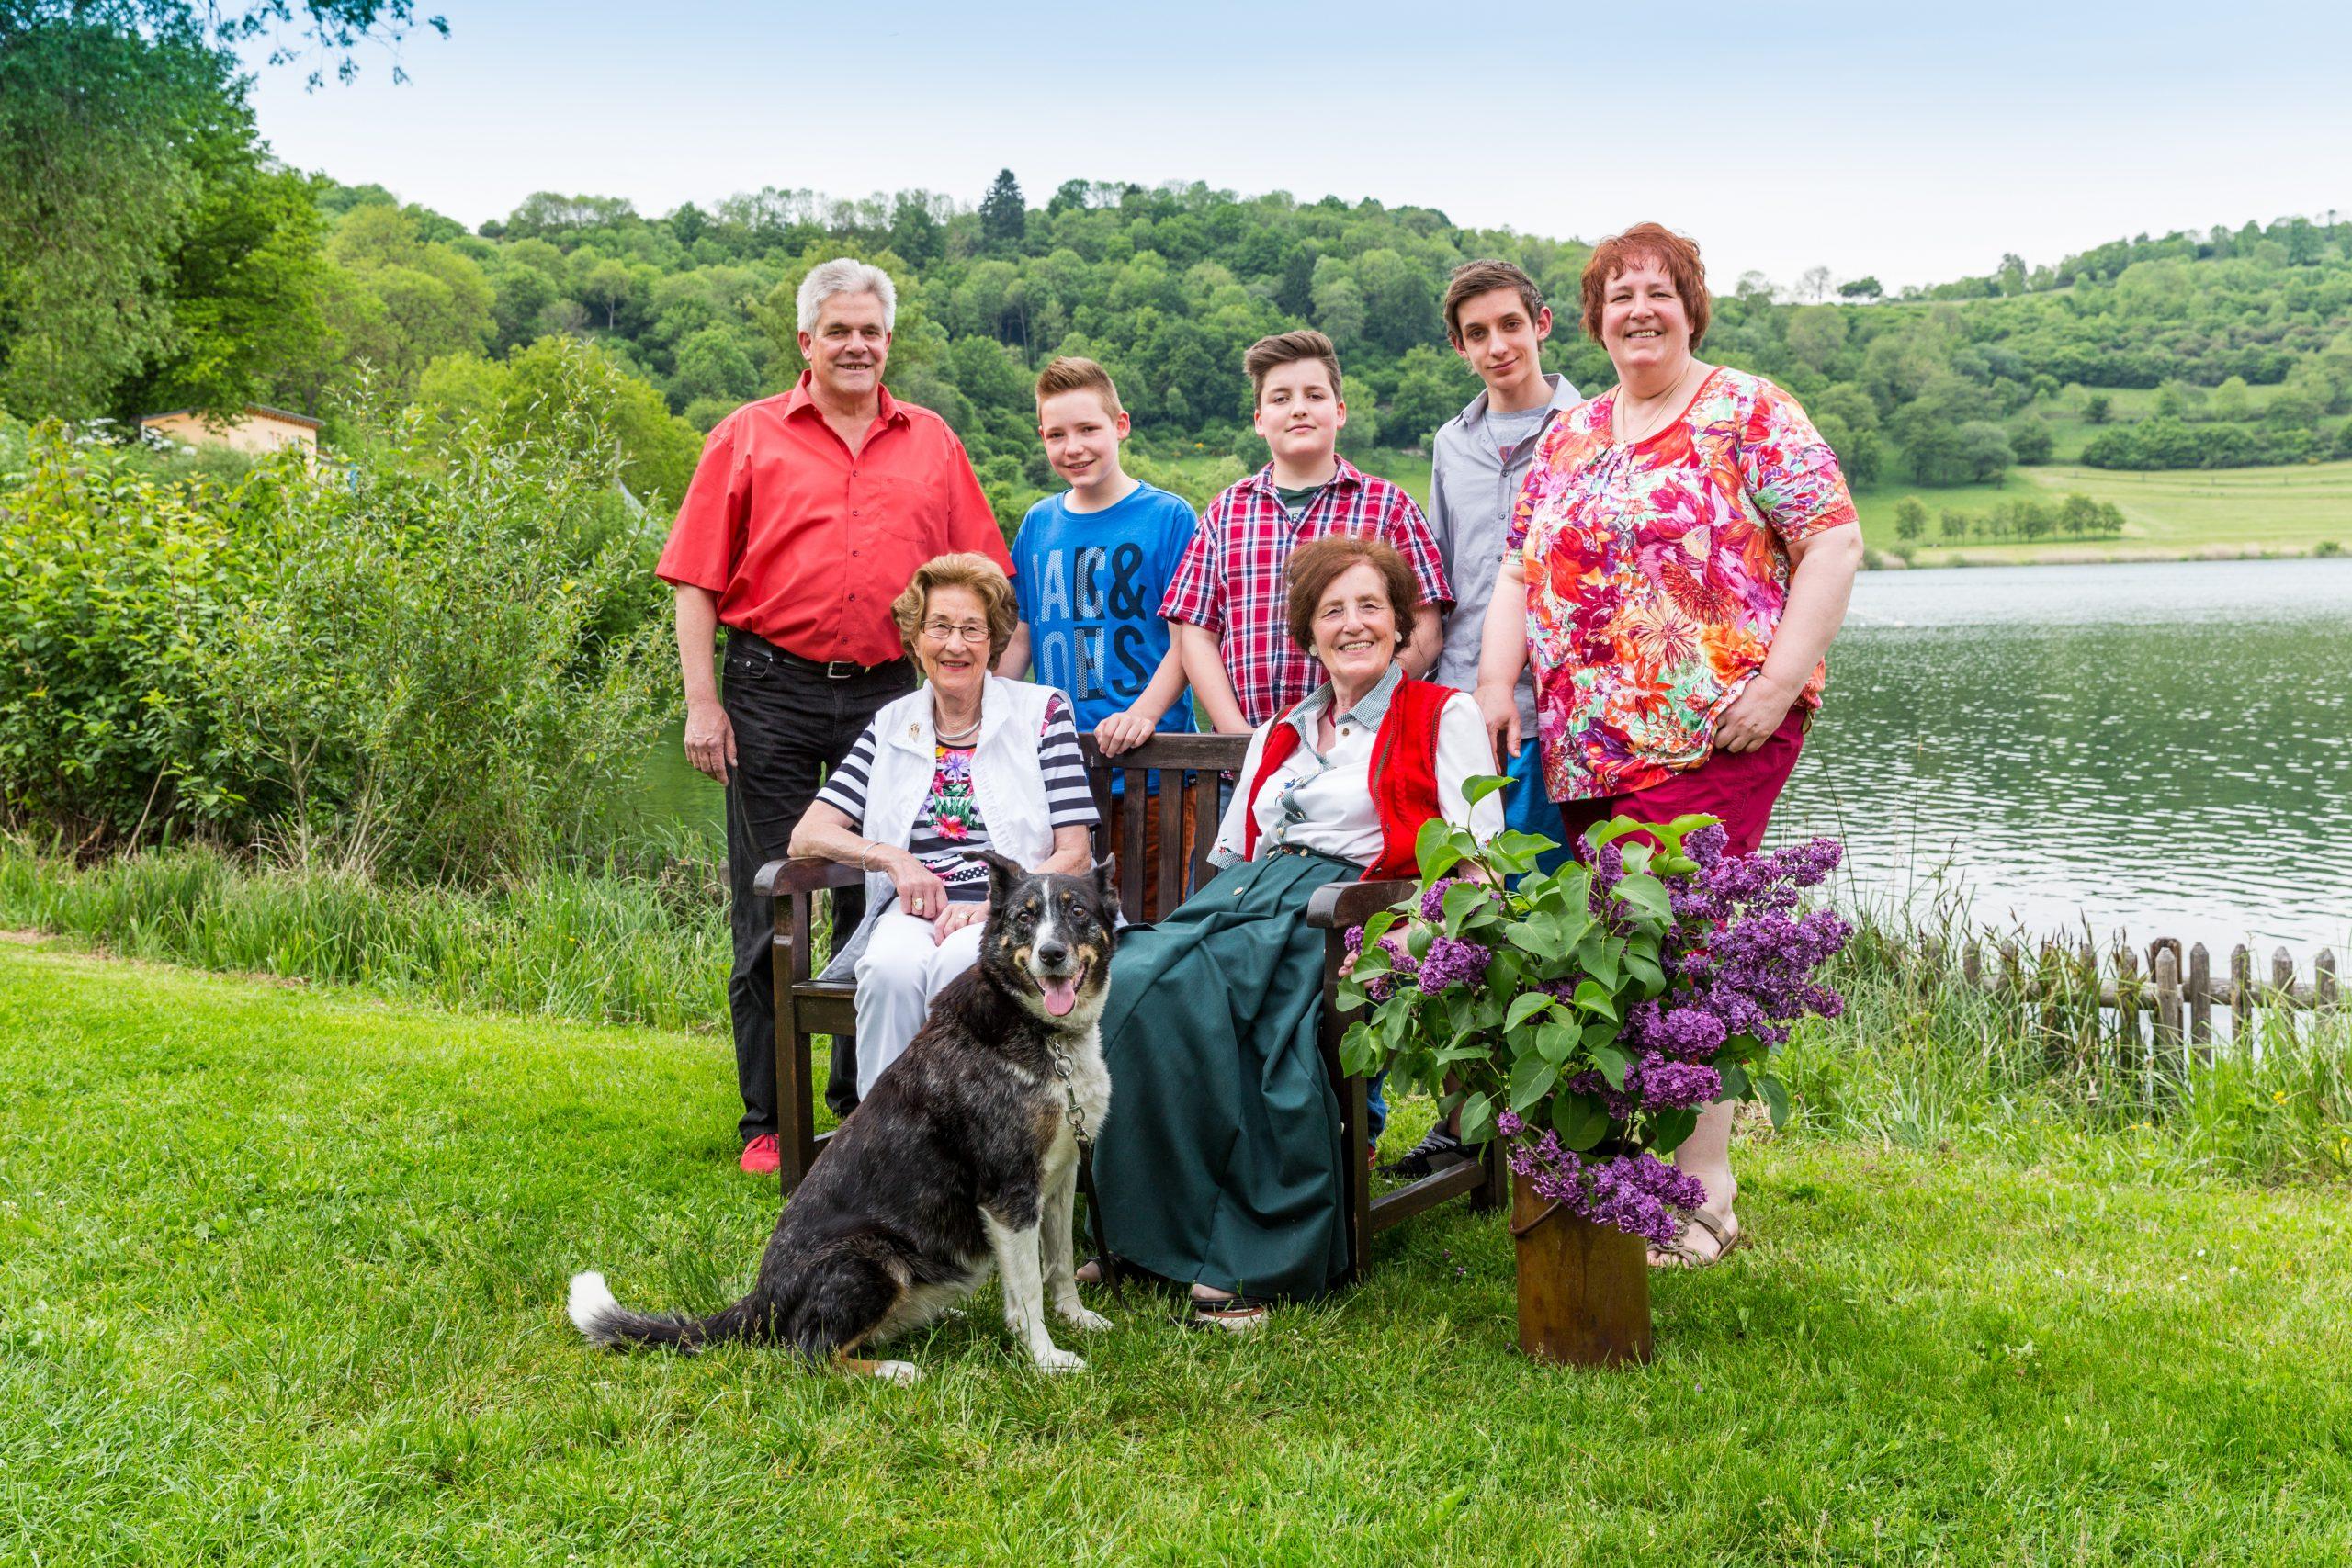 Familie Mölder im Jahre 2010 auf dem Campingplatz am Ufer des Schalkenmehrener Maares